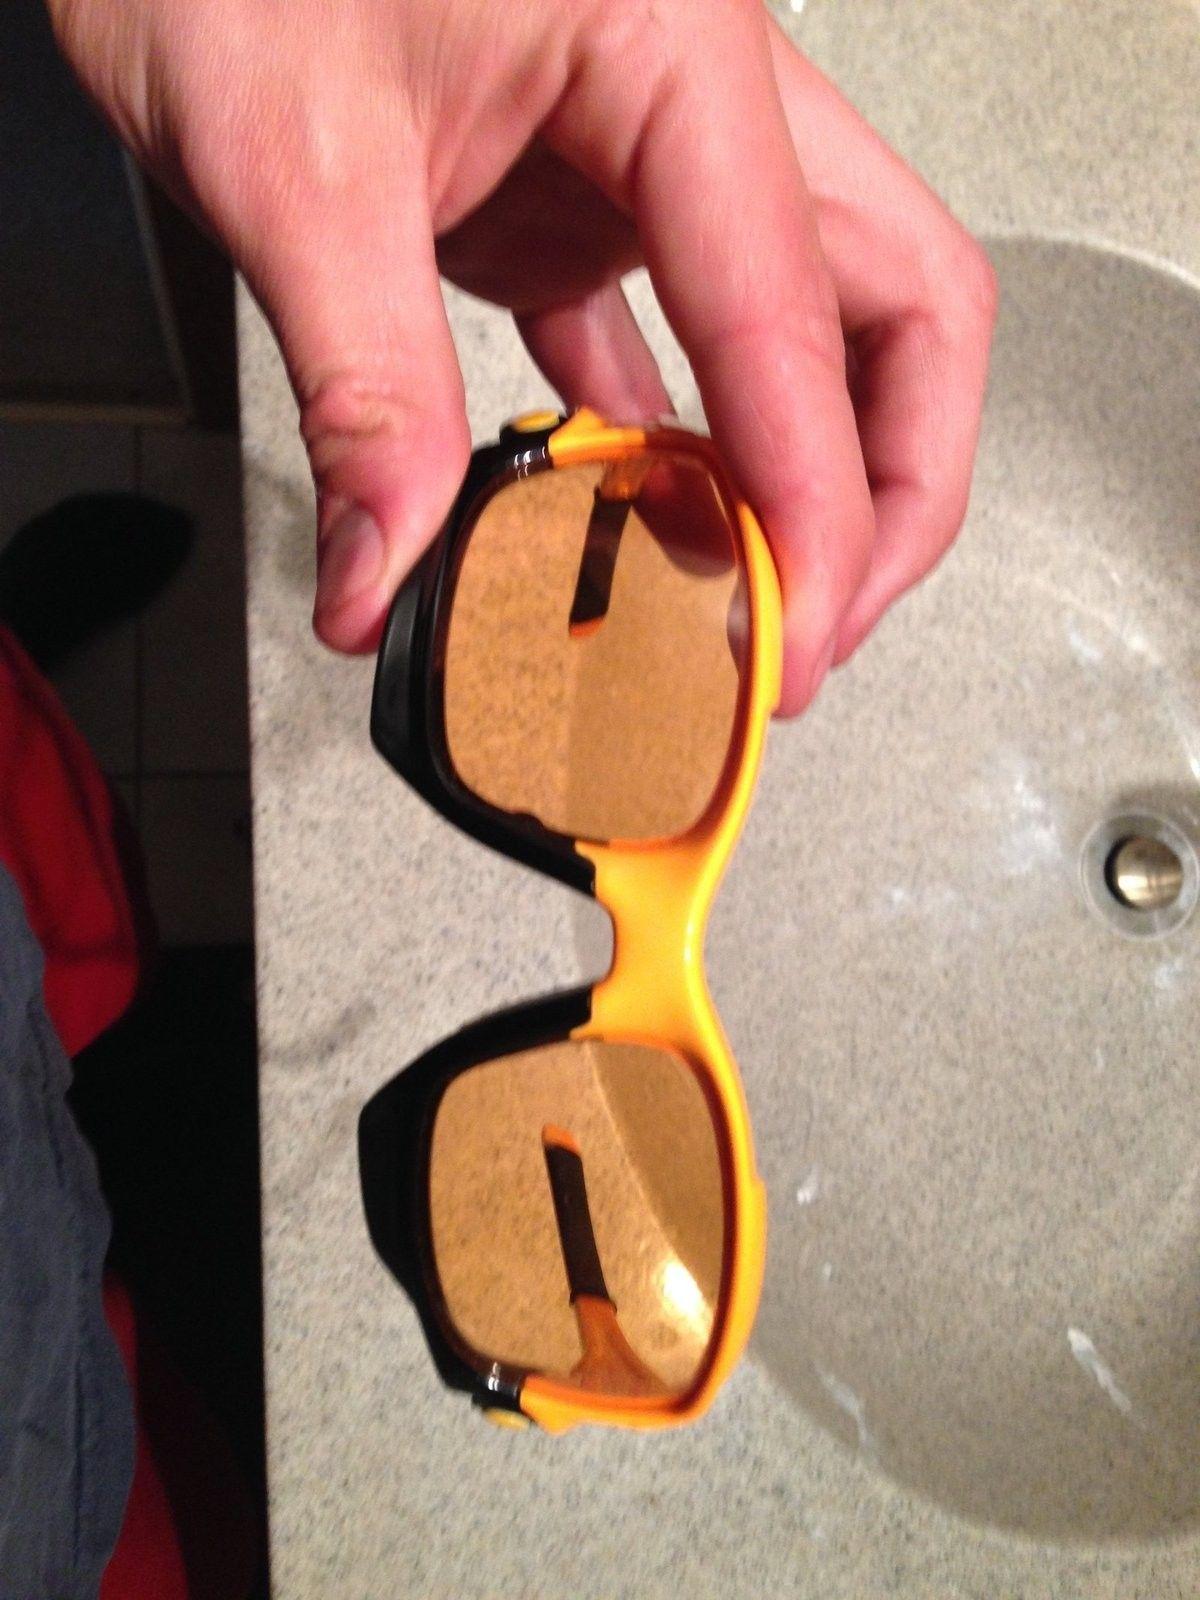 Atomic Orange Jawbone - Real vs. Fake? - image5.JPG